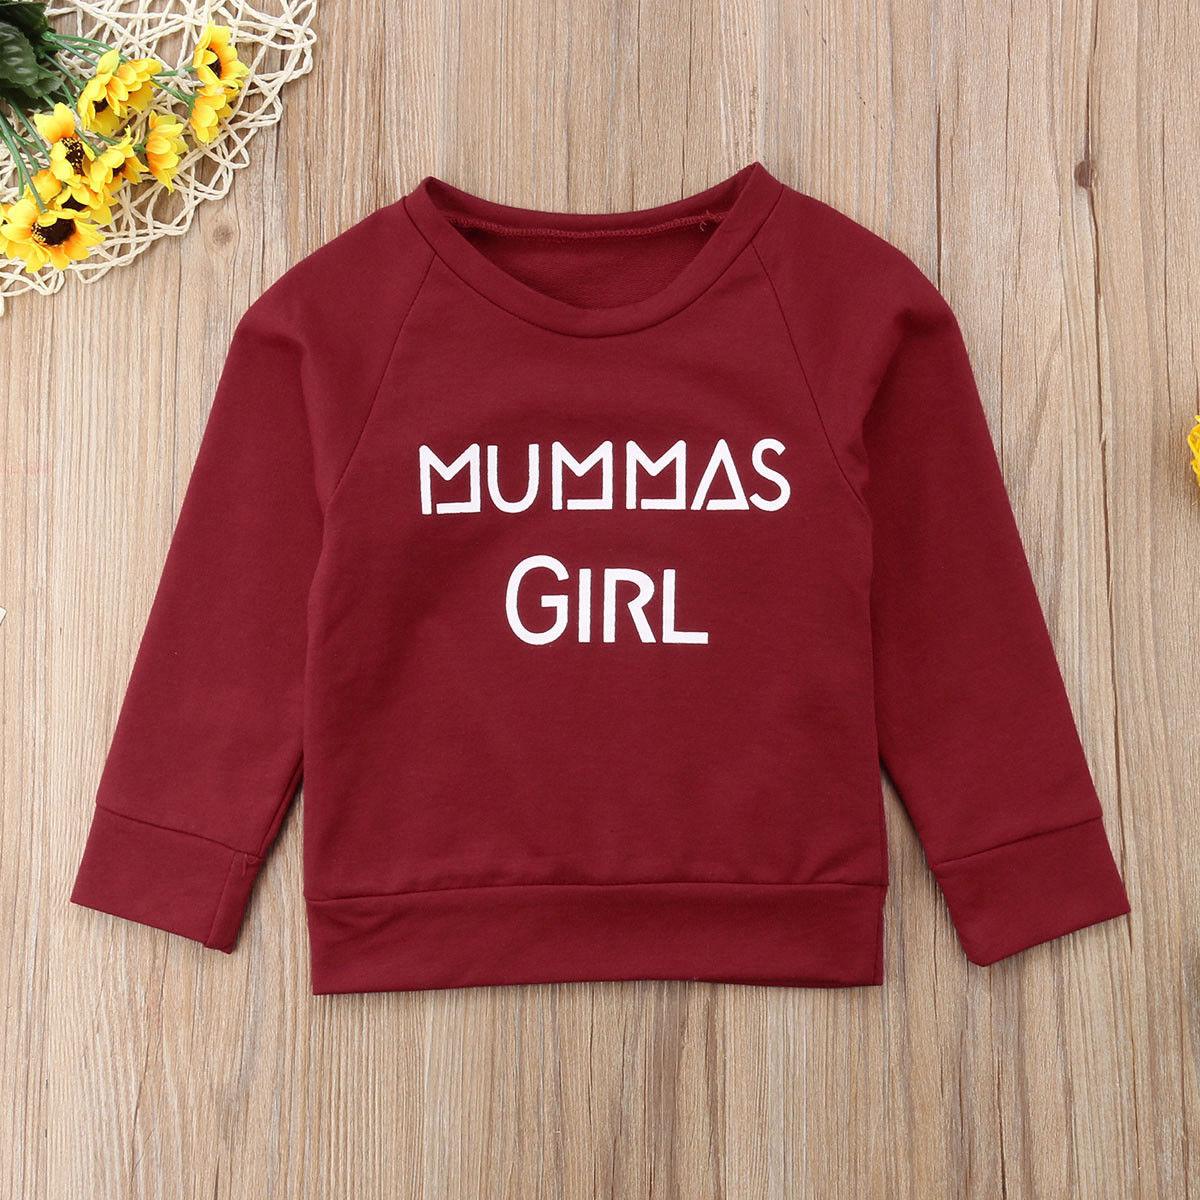 100% QualitäT Baby Boy Kid Mädchen Top Sweatshirt Uberspannkraft Kleidung Jumper Brief Muster Pullover Set Nette Personalisierte Pullover Wilden Stilvolle Angenehme SüßE